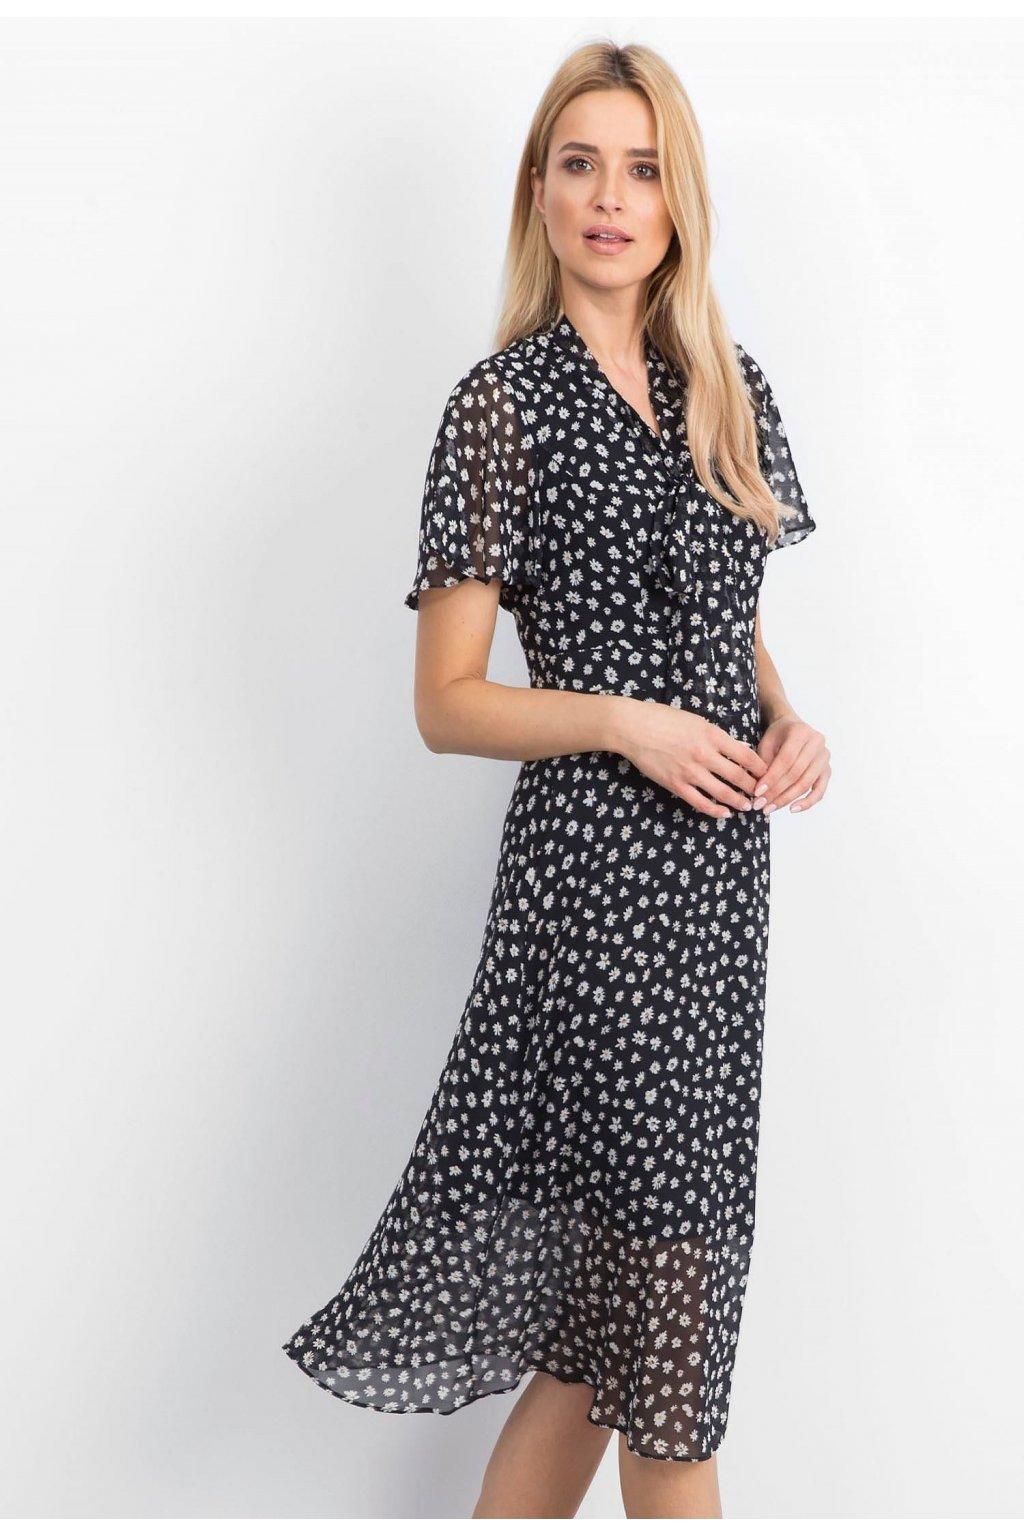 Čierne dámske šaty s potlačou